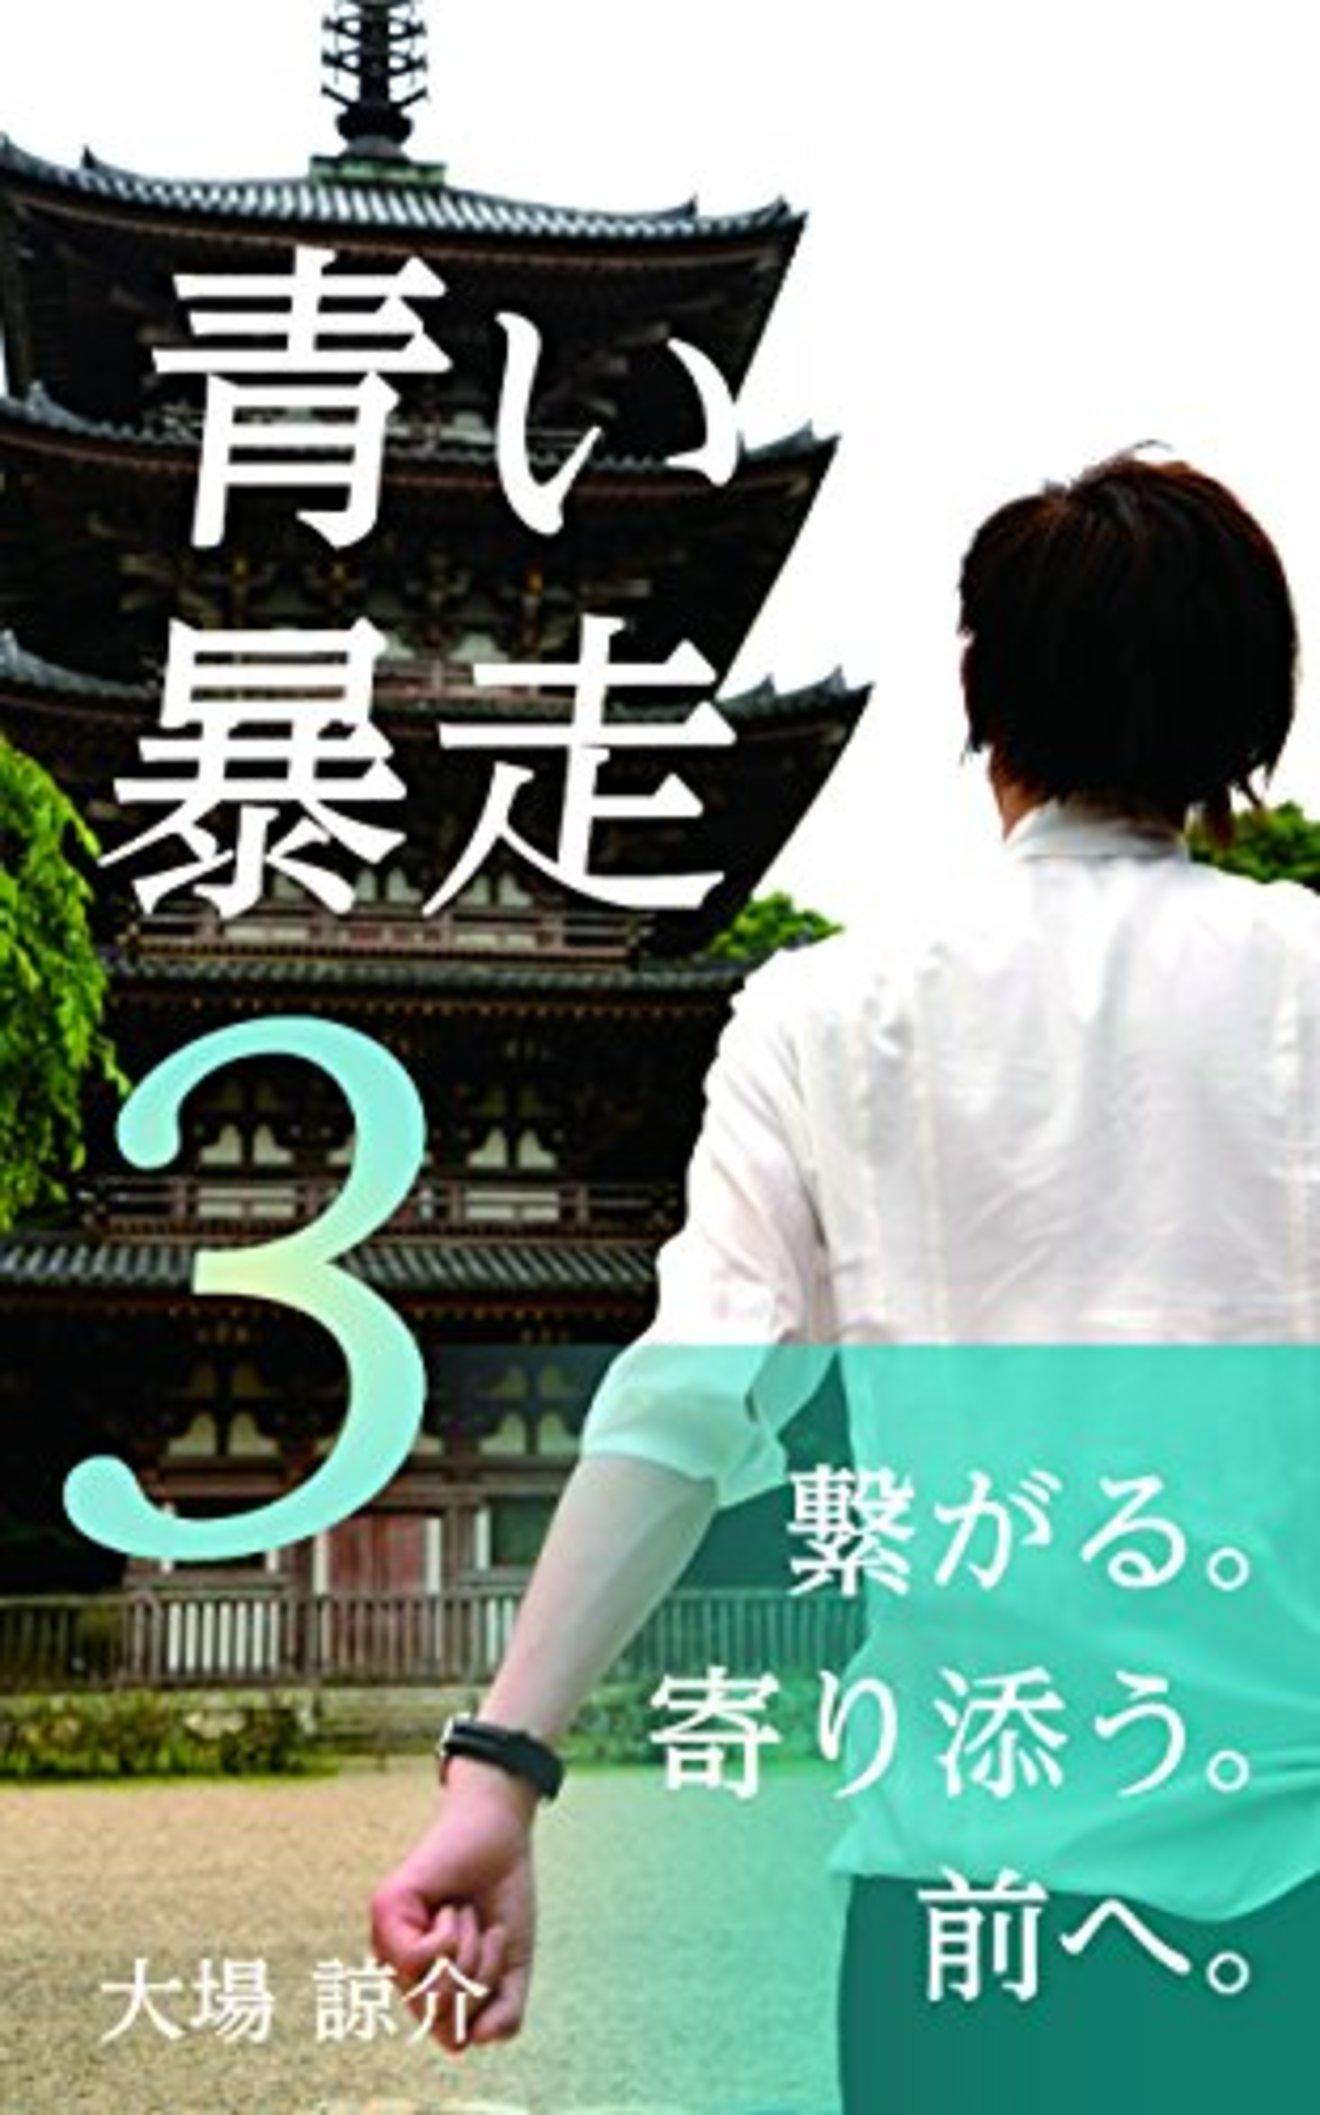 【連載小説】「ロマンティックが終わる時」第28話【毎朝6時更新】